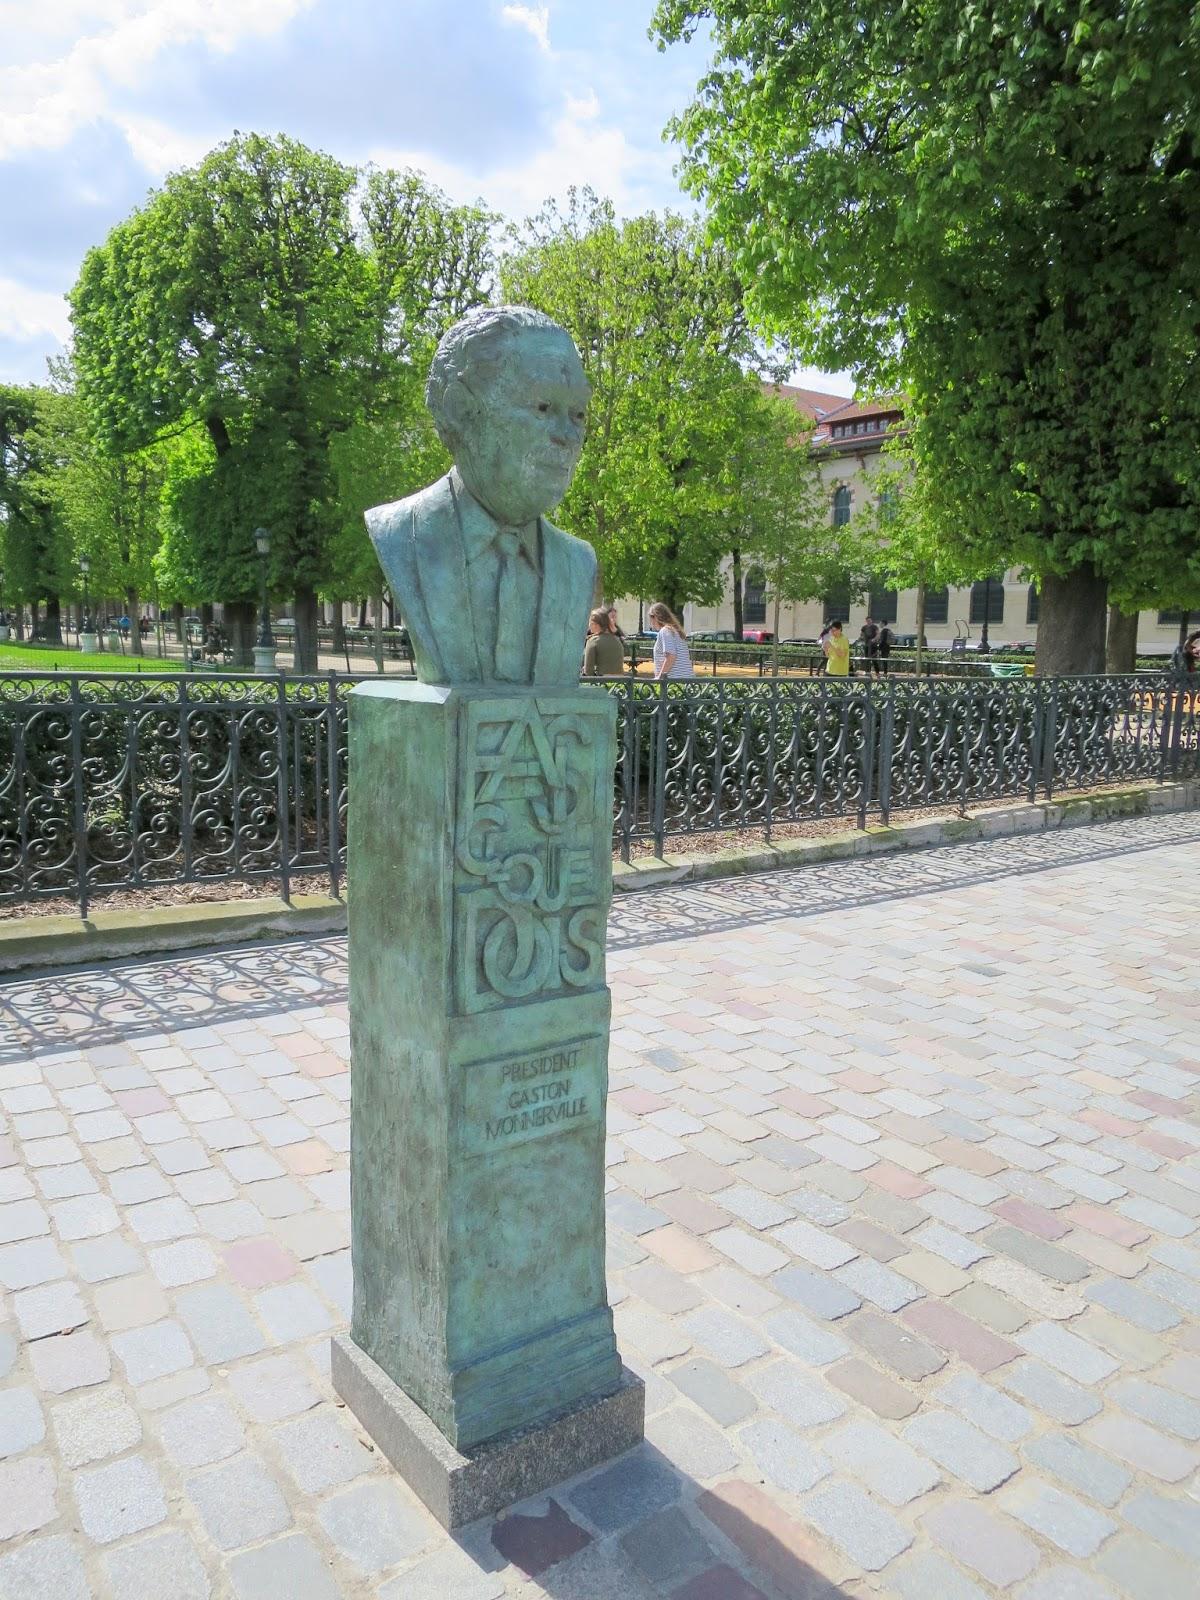 La rte le p re d 39 ulysse avenue de l 39 observatoire paris - Jardin d ulysse paris ...